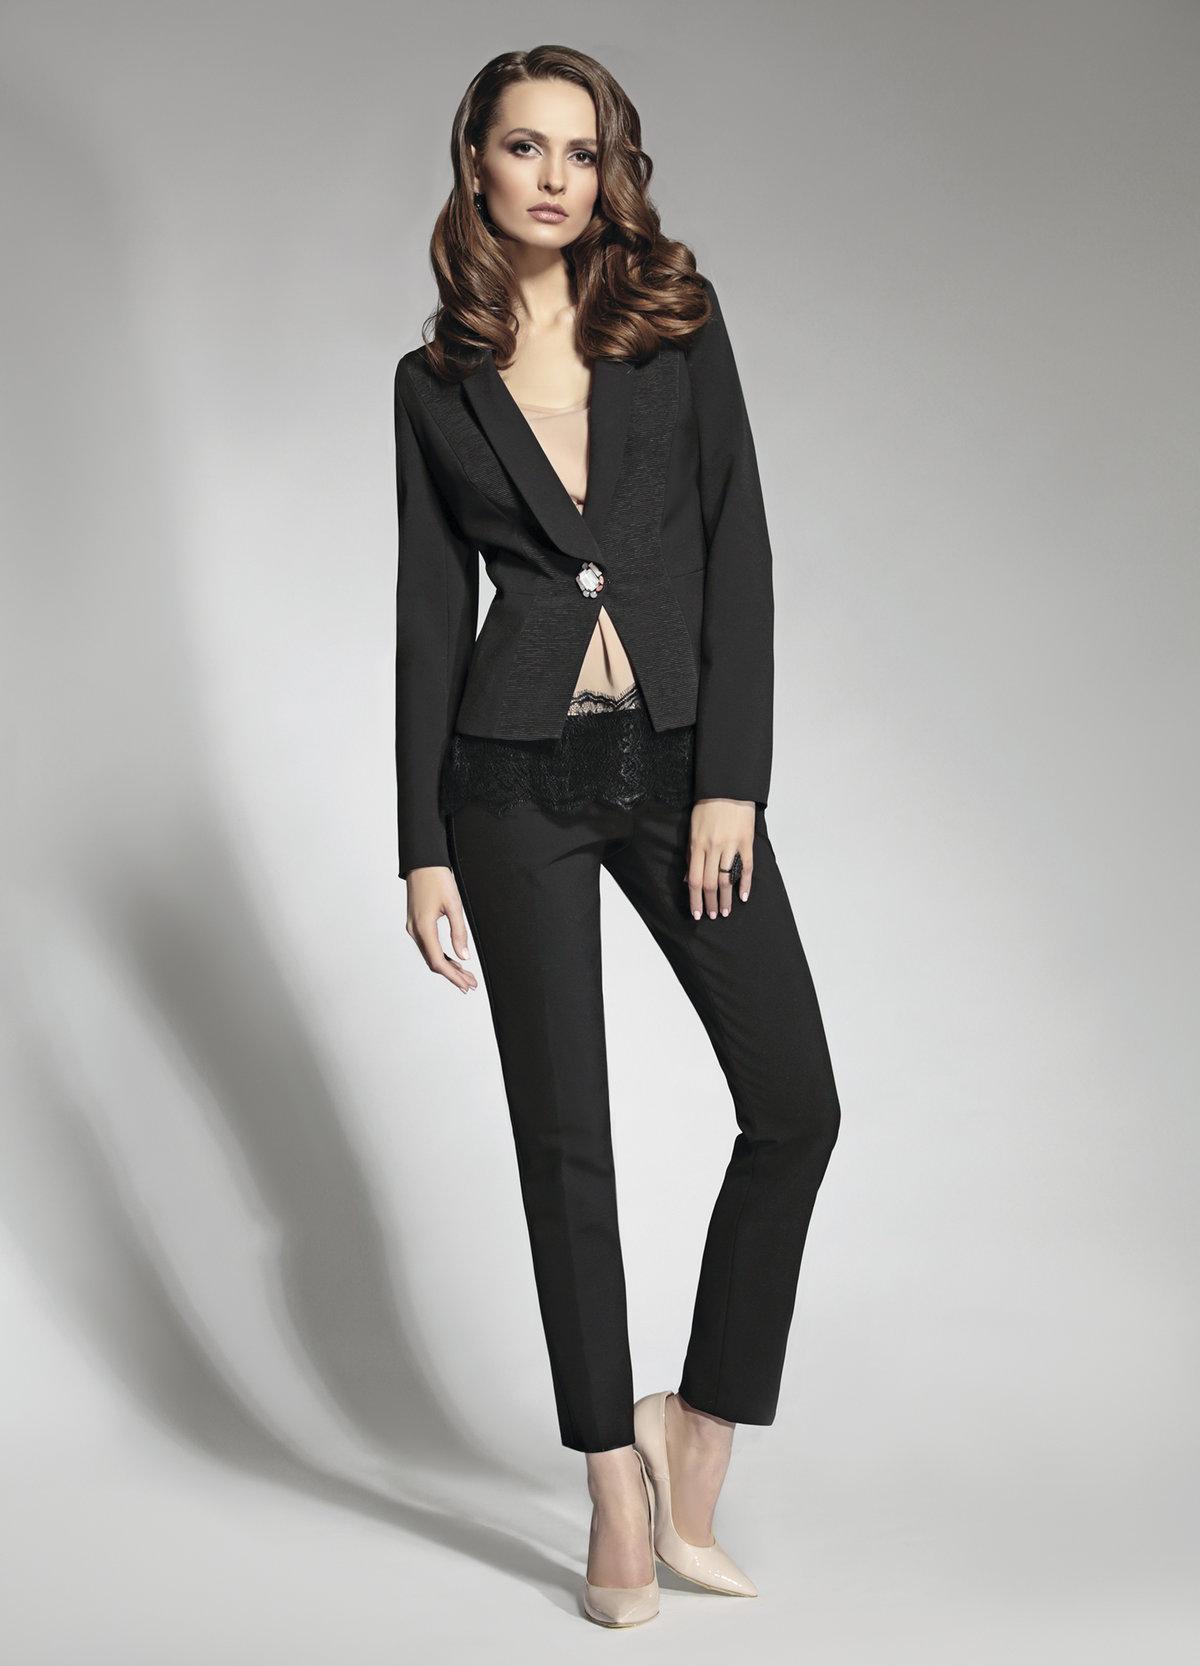 Стильная Женская Одежда И Обувь